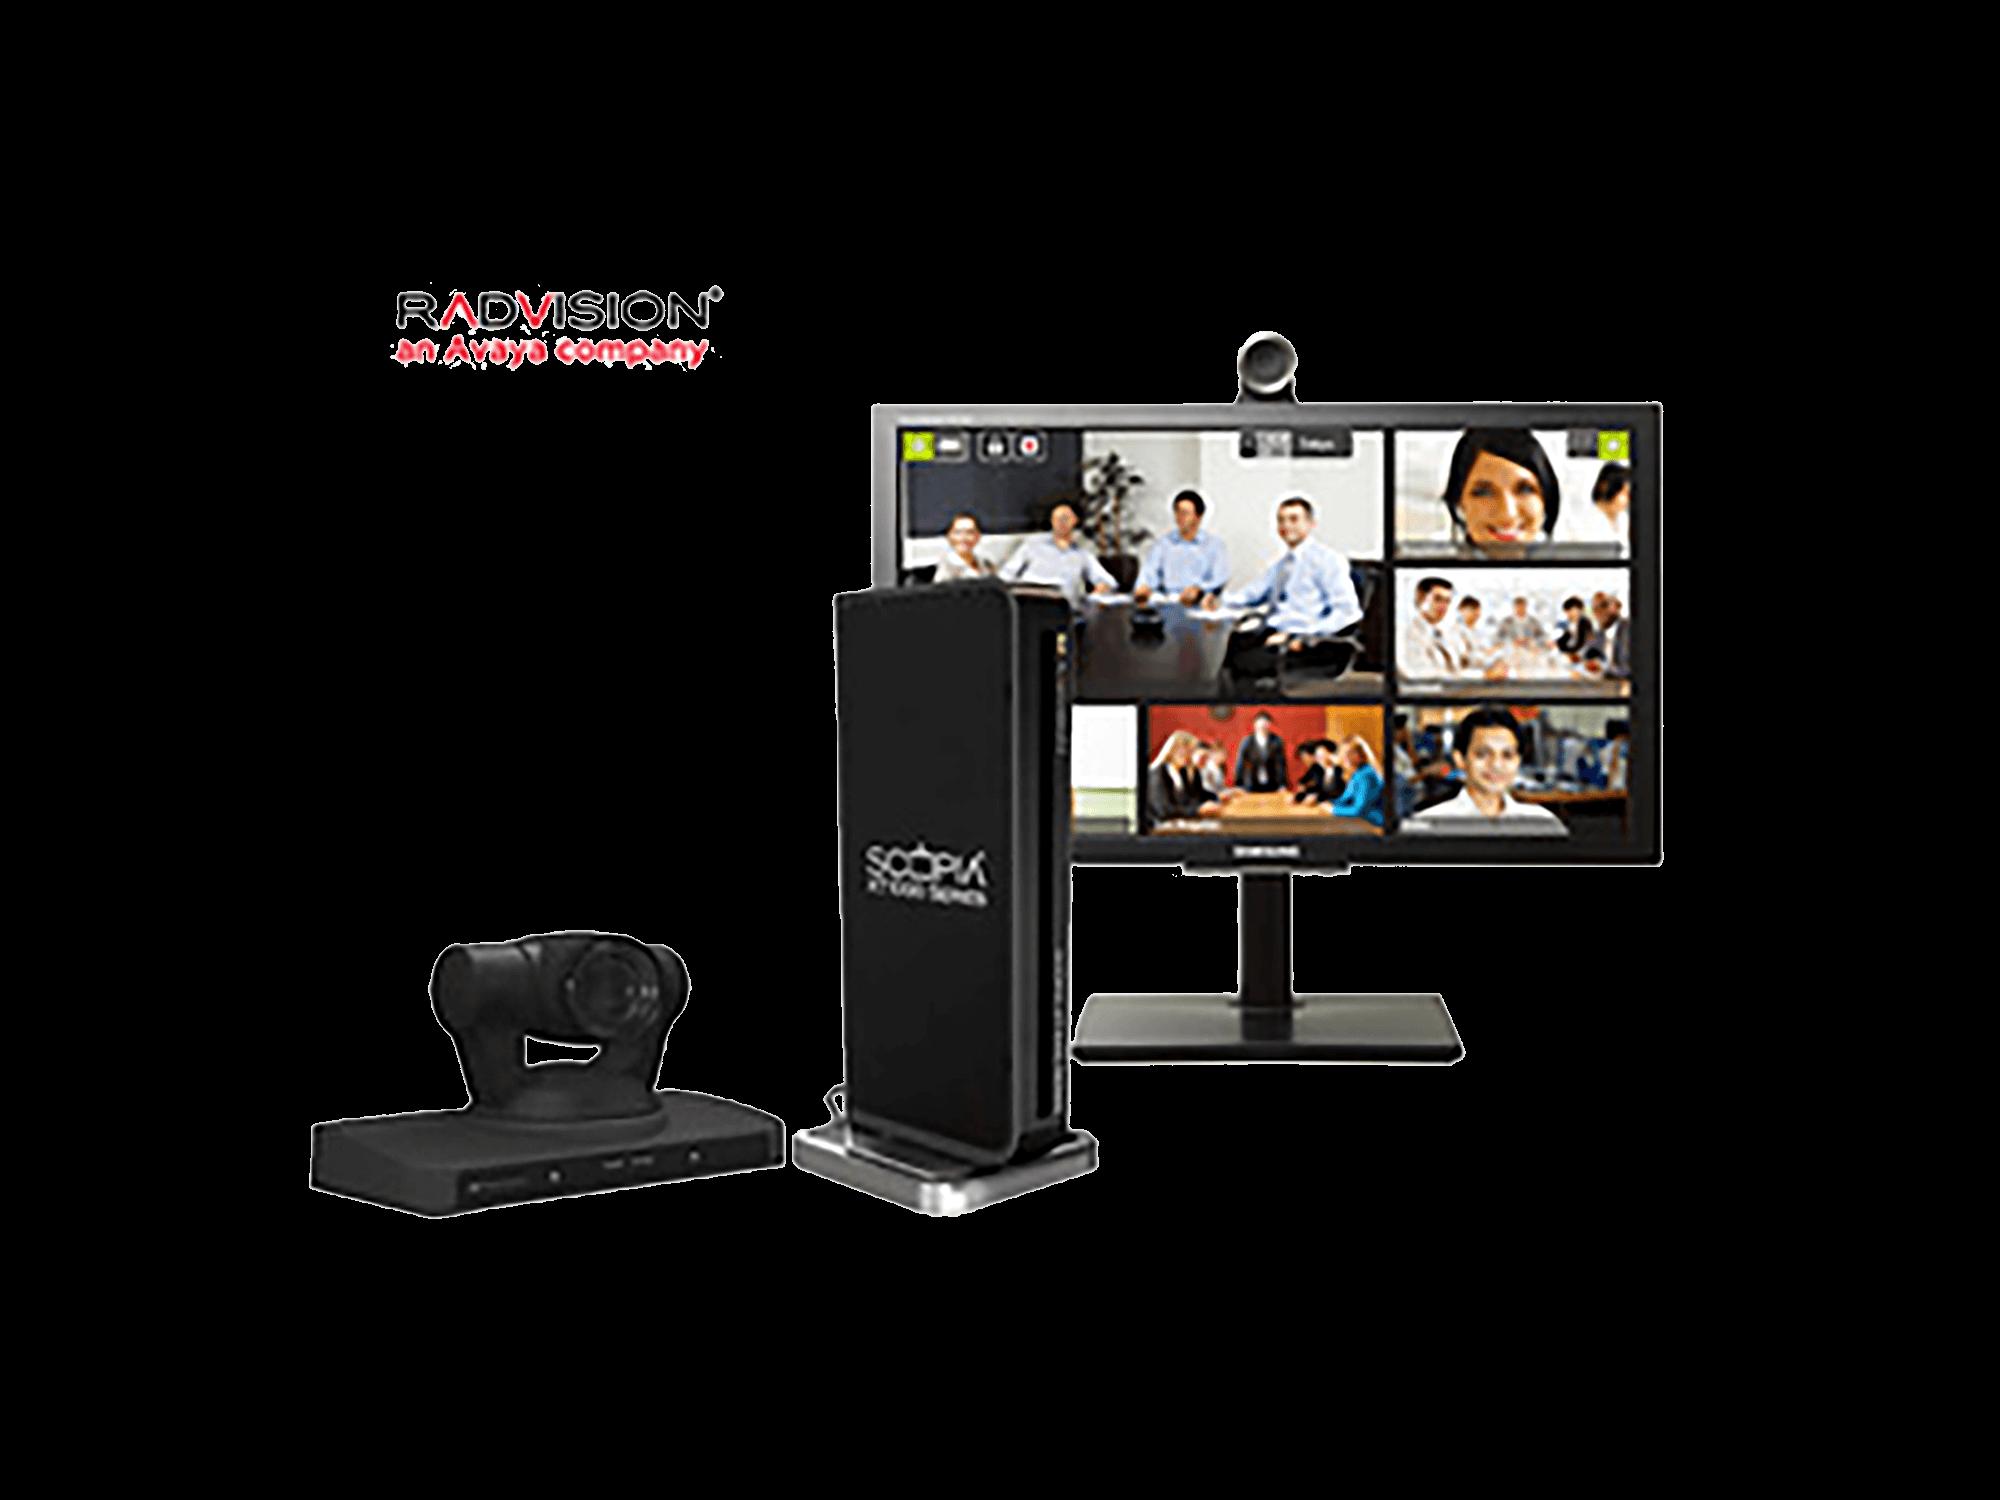 RADVISION社テレビ会議システム